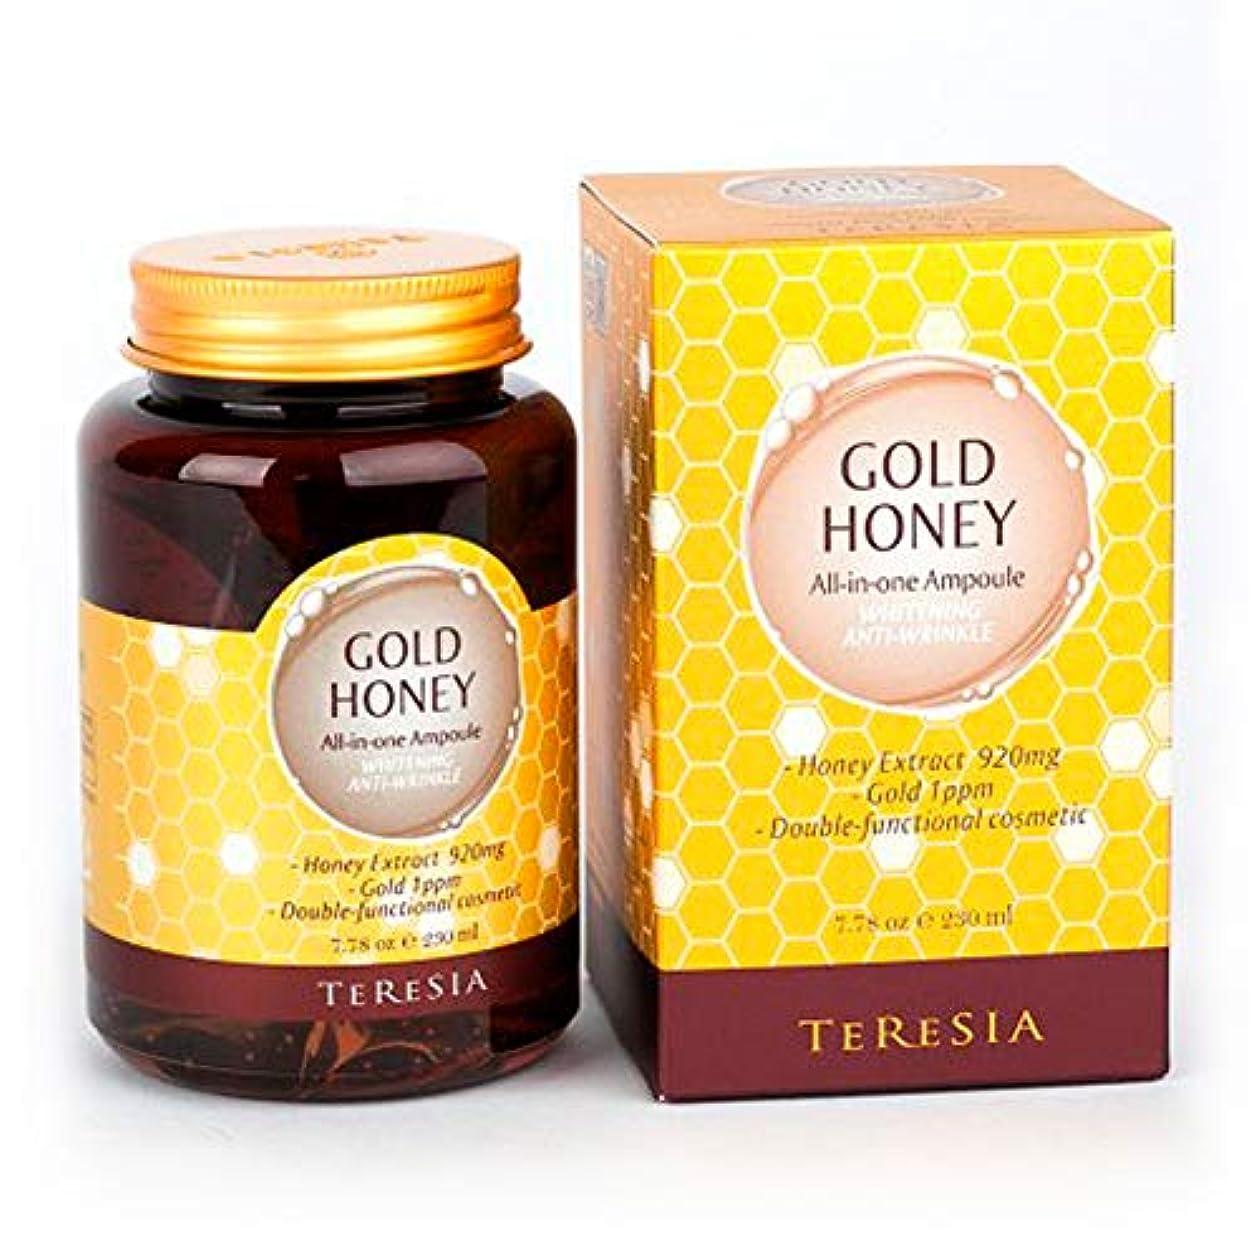 ロビー引き渡す海嶺[(テルシア)TERESIA] テルシア·ゴールドハニー大容量 230ml オールインワン·アンプル シワ,美白二重機能性化粧品